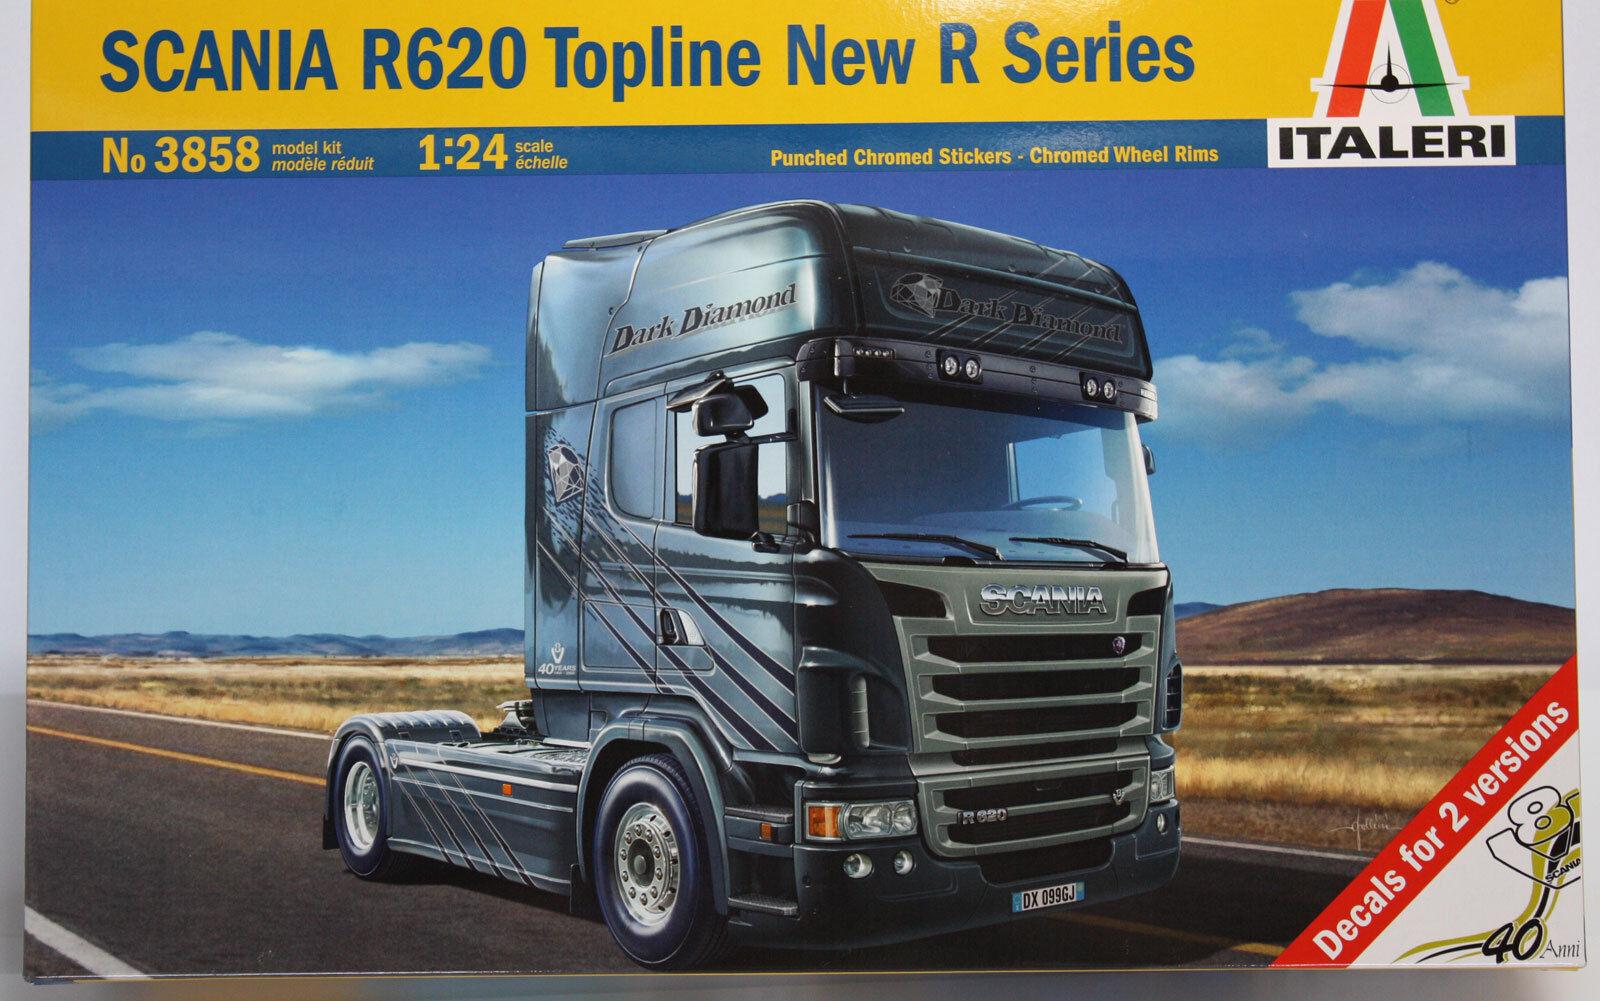 Italeri Camión Scania R620 Topline Nueva R Serie 1 24 3858